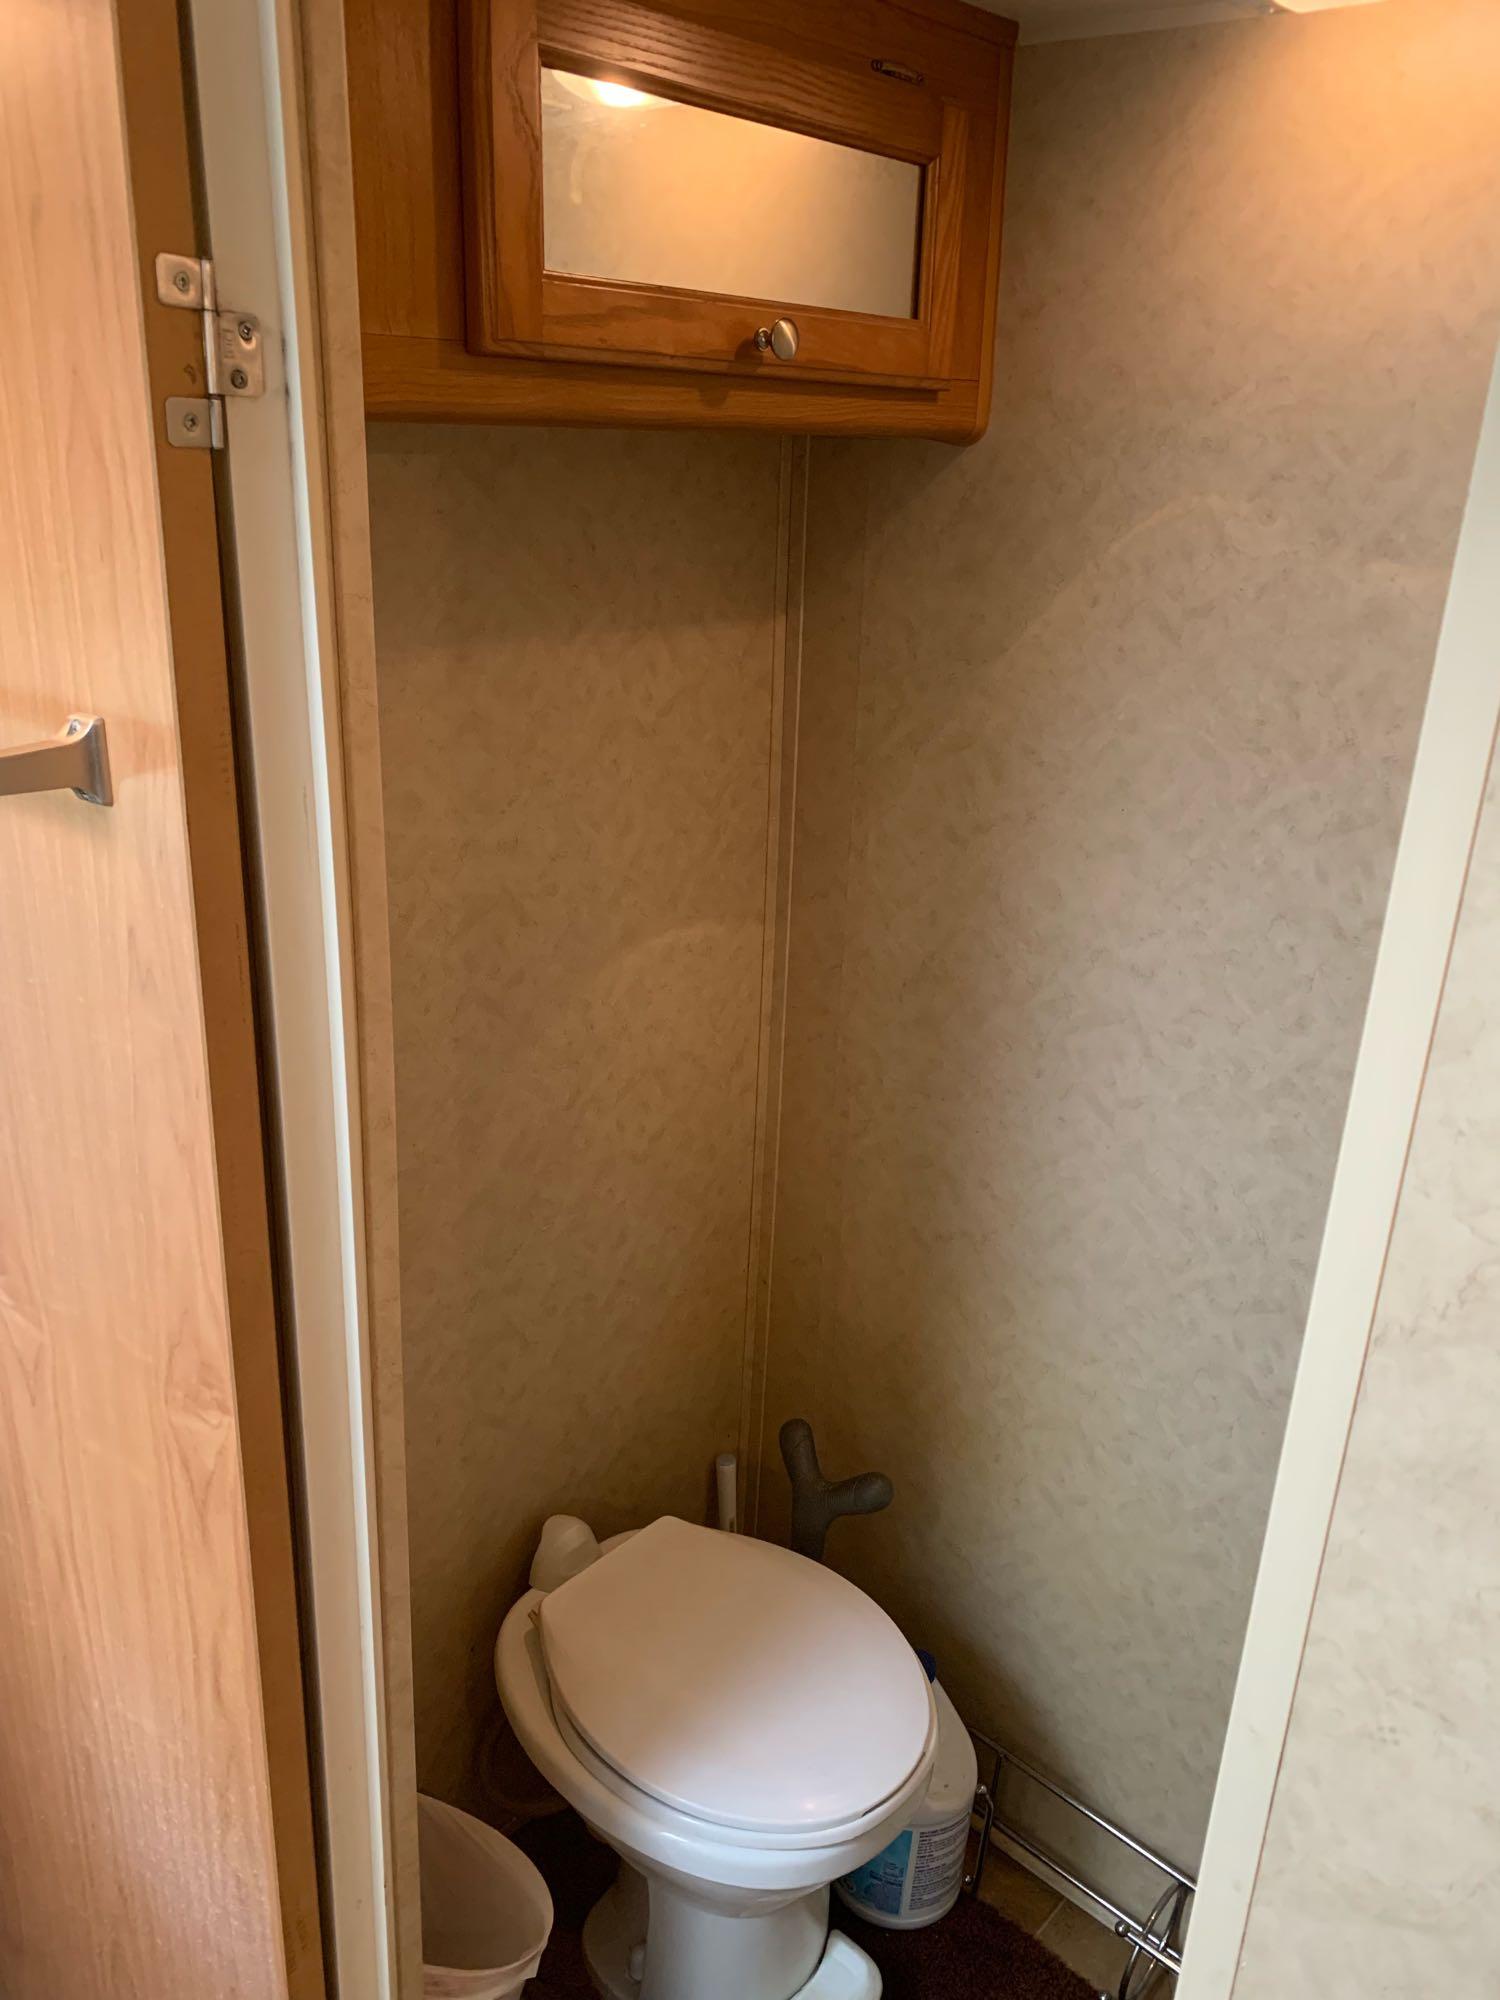 Private toilet area. Dutchmen VictoryLane 2006